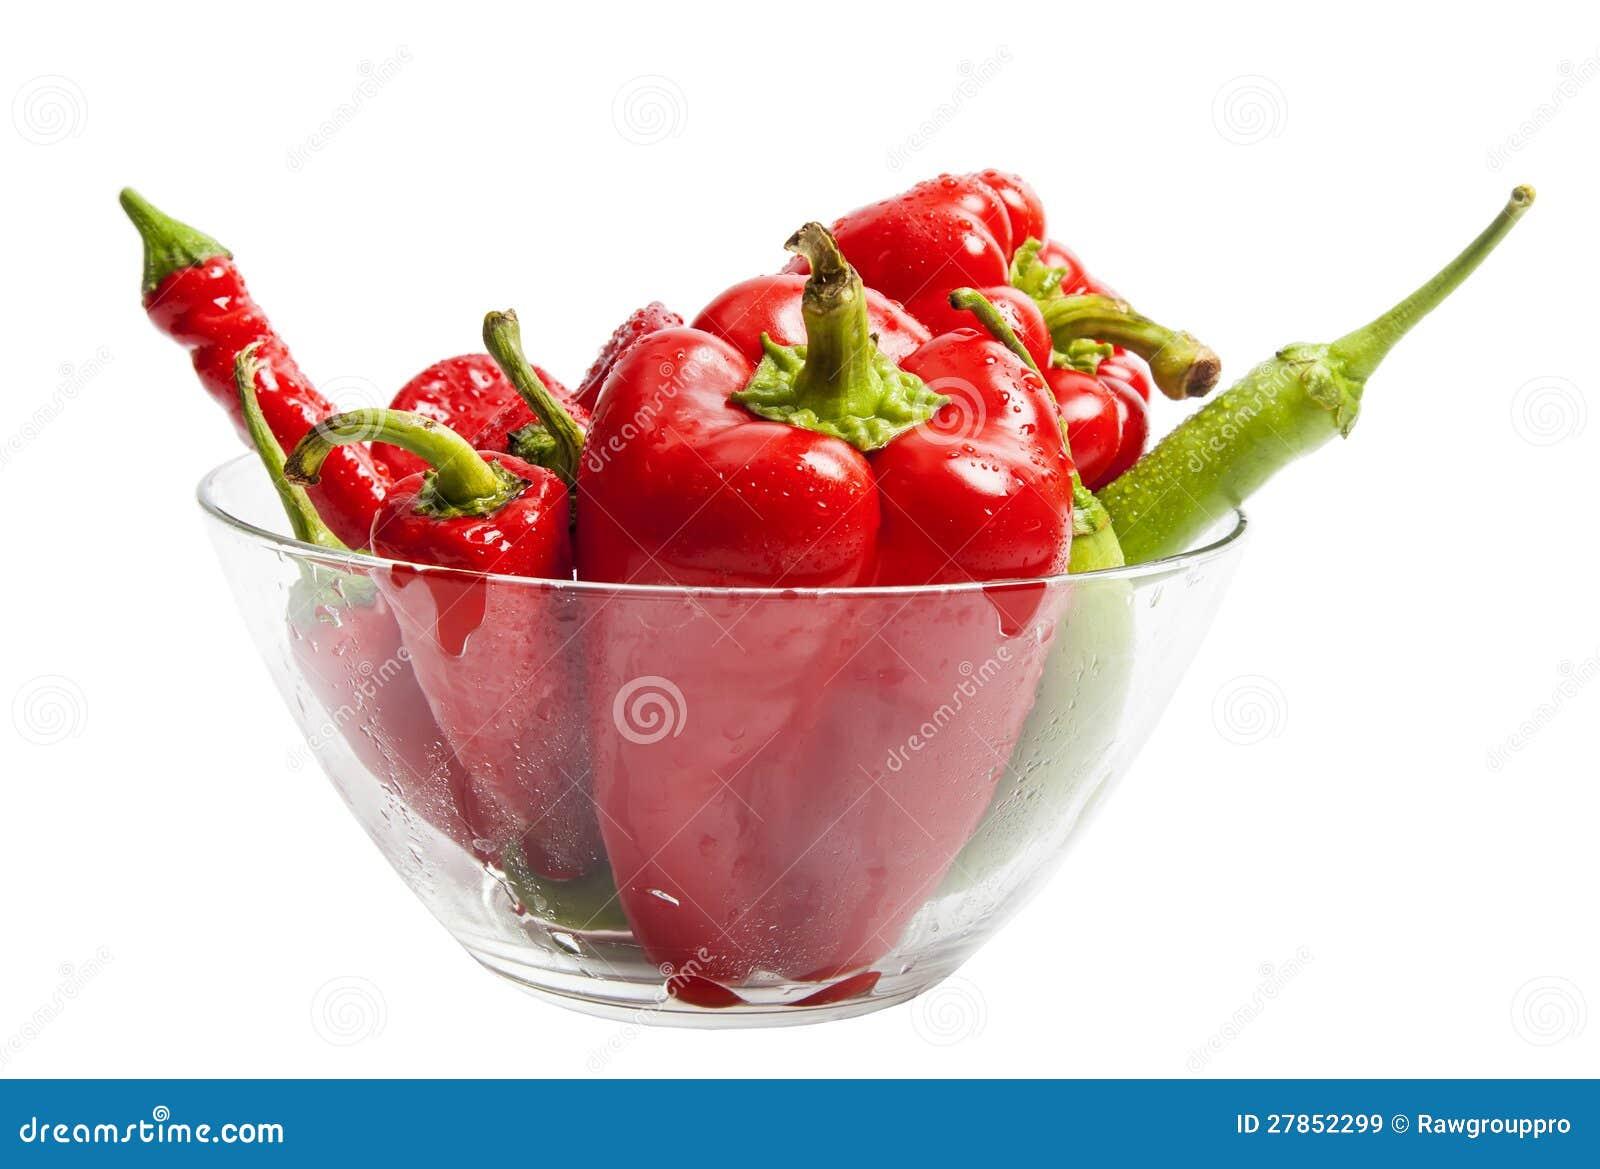 W sałatkowym naczyniu czerwony i zielony pieprz